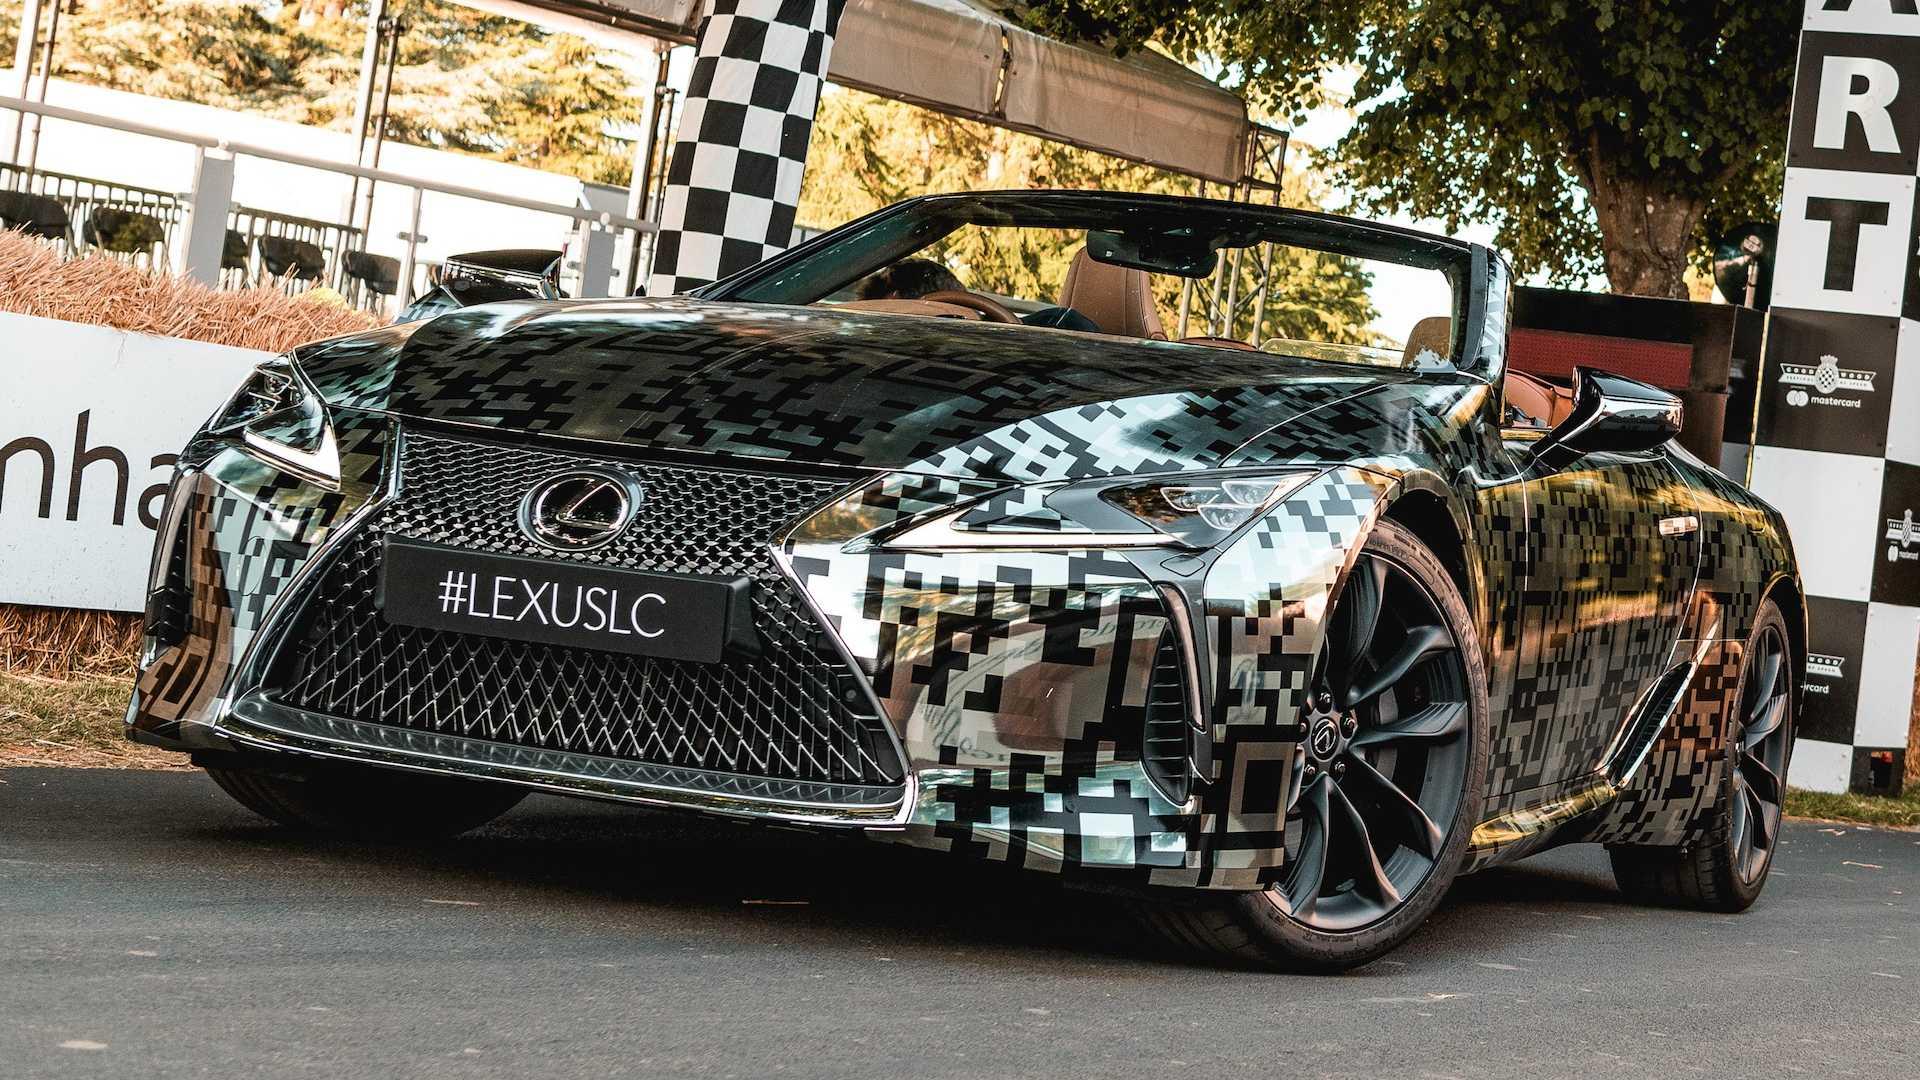 lexus-lc-convertible-prototype-1